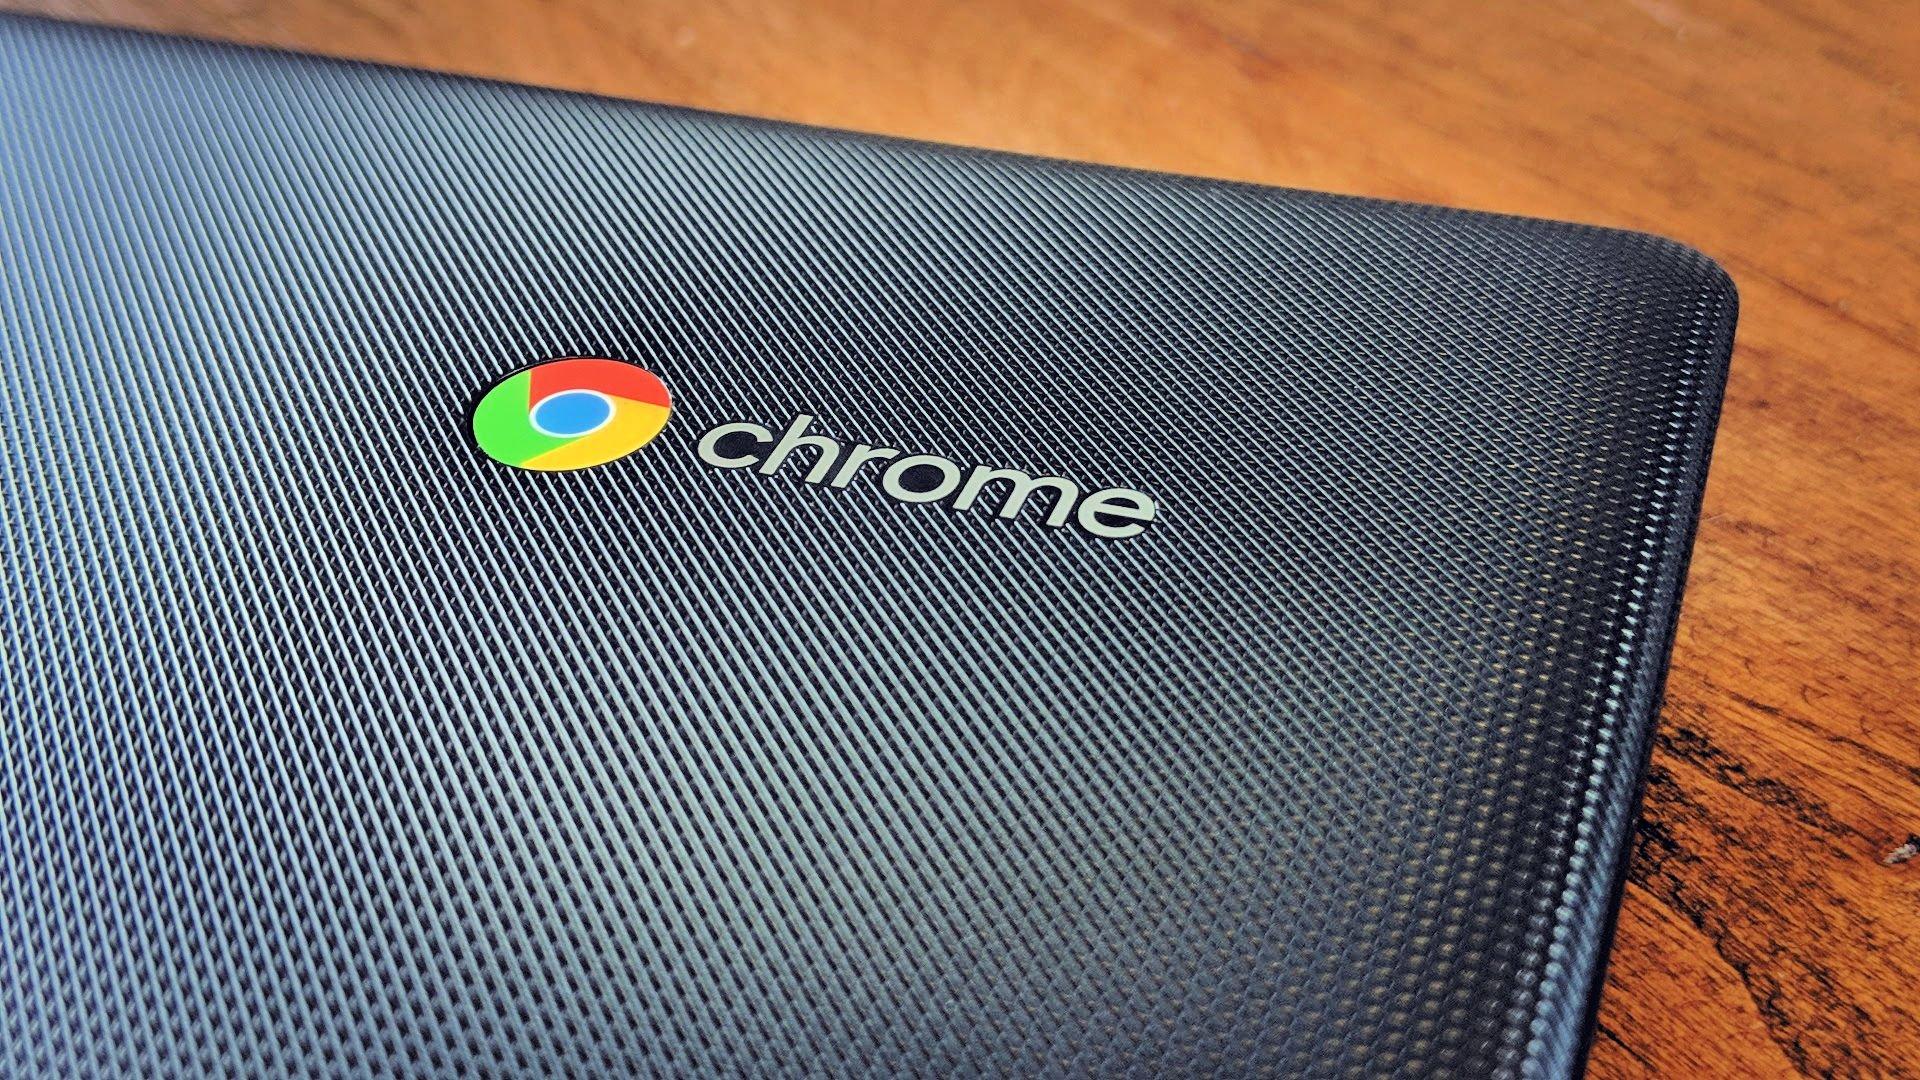 Lenovo Chromebook S330 review